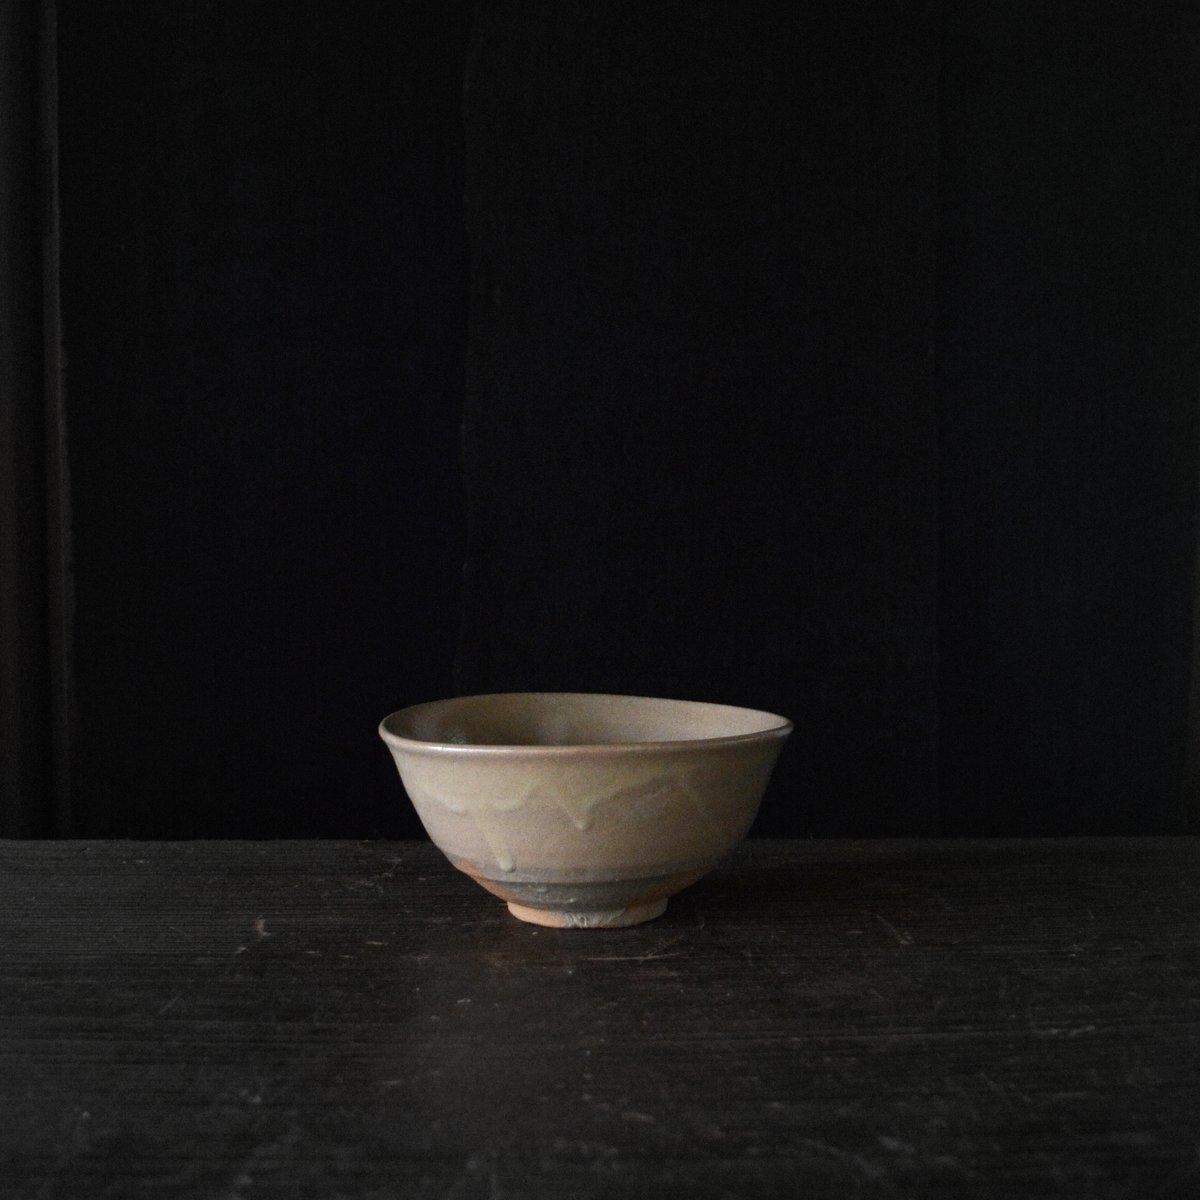 「山本亮平・ゆき 展 白瓷考」 4/7(土)より_d0087761_1842342.jpg